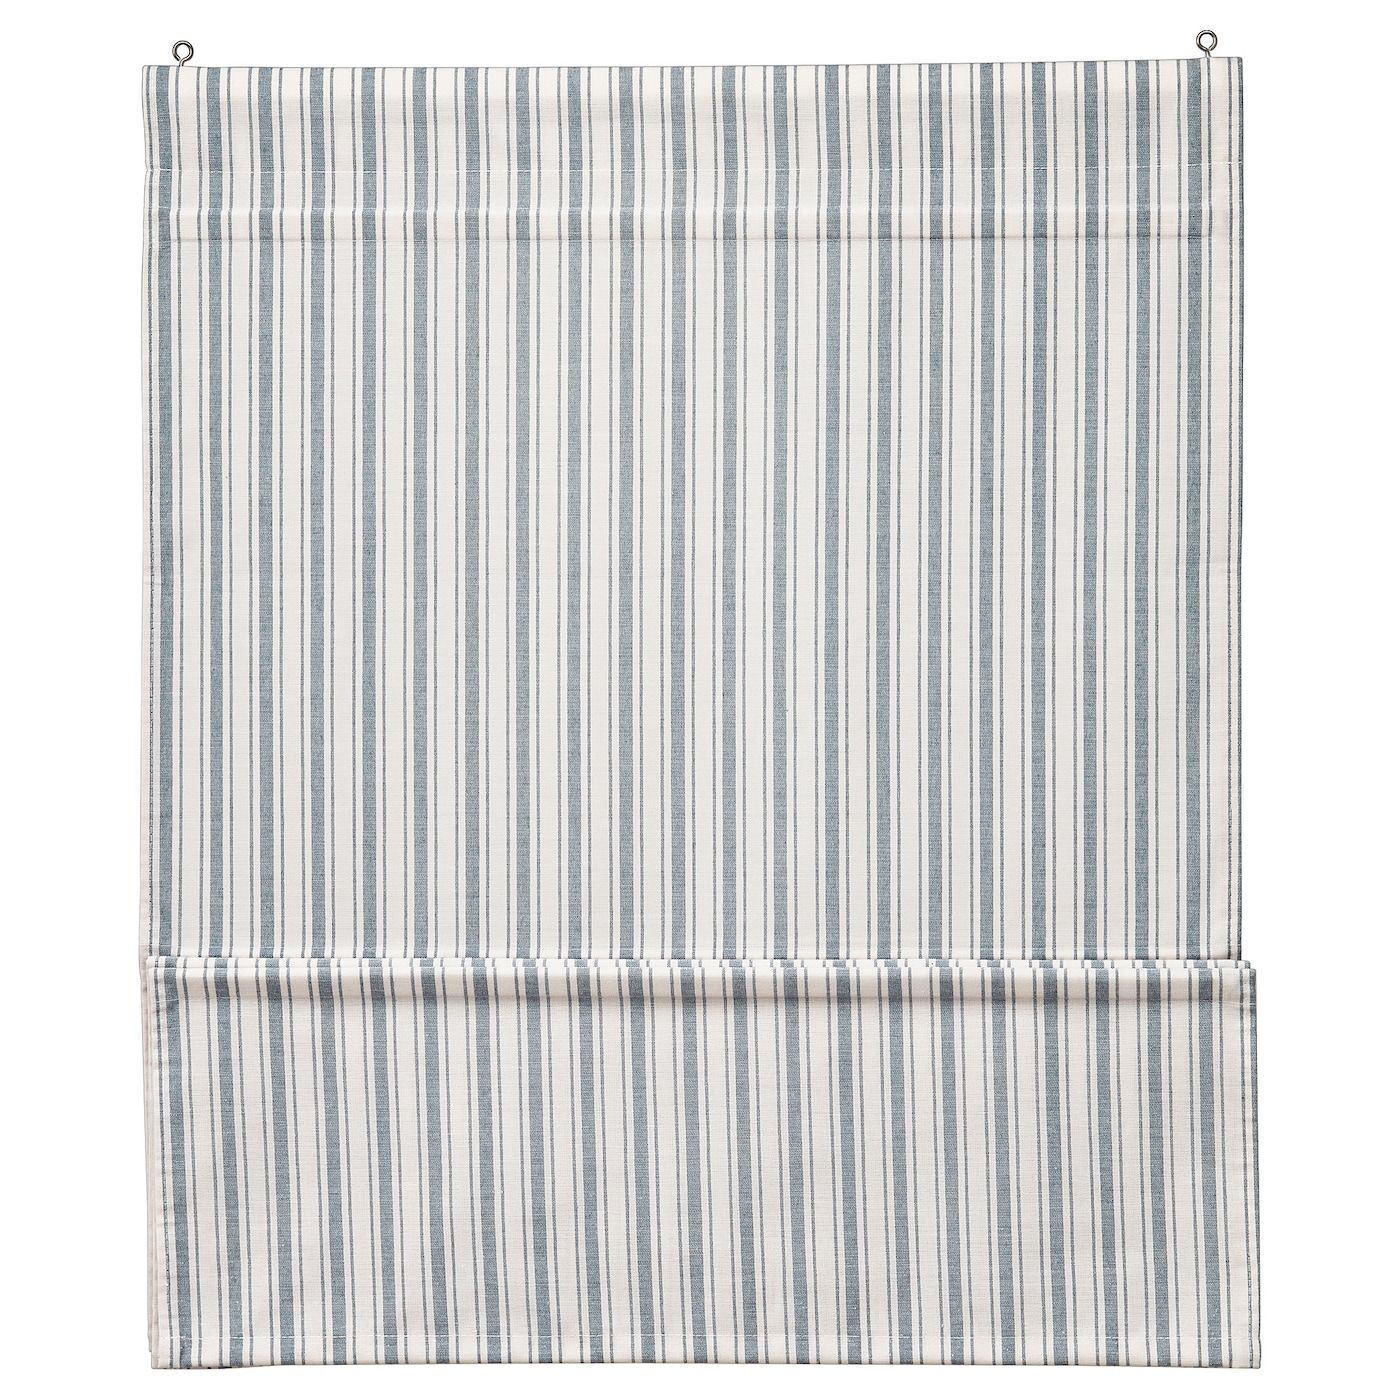 Store Bateau Blanc Ikea ikea - ringblomma store bateau blanc/bleu | tringle rideau